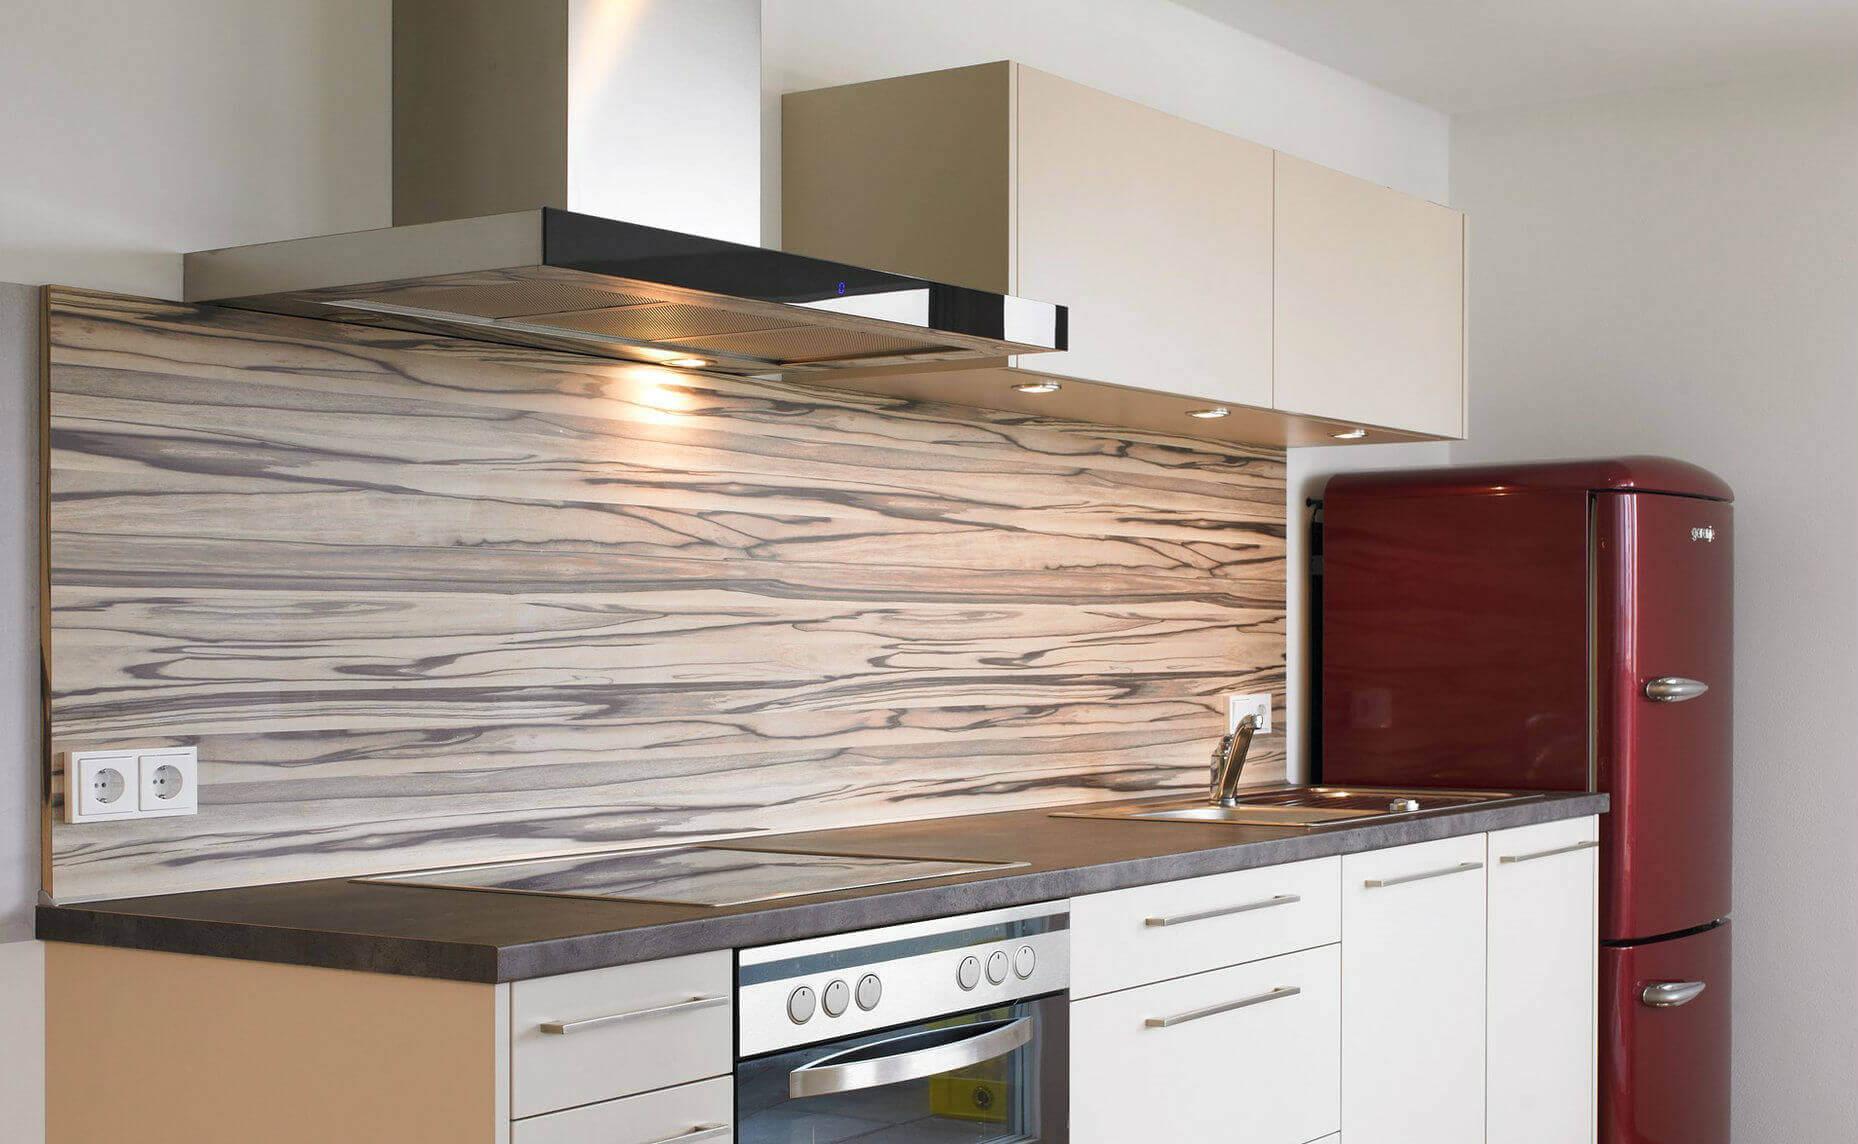 Elektroinstallationen: Wie viele Steckdosen gehören in eine Küche ...